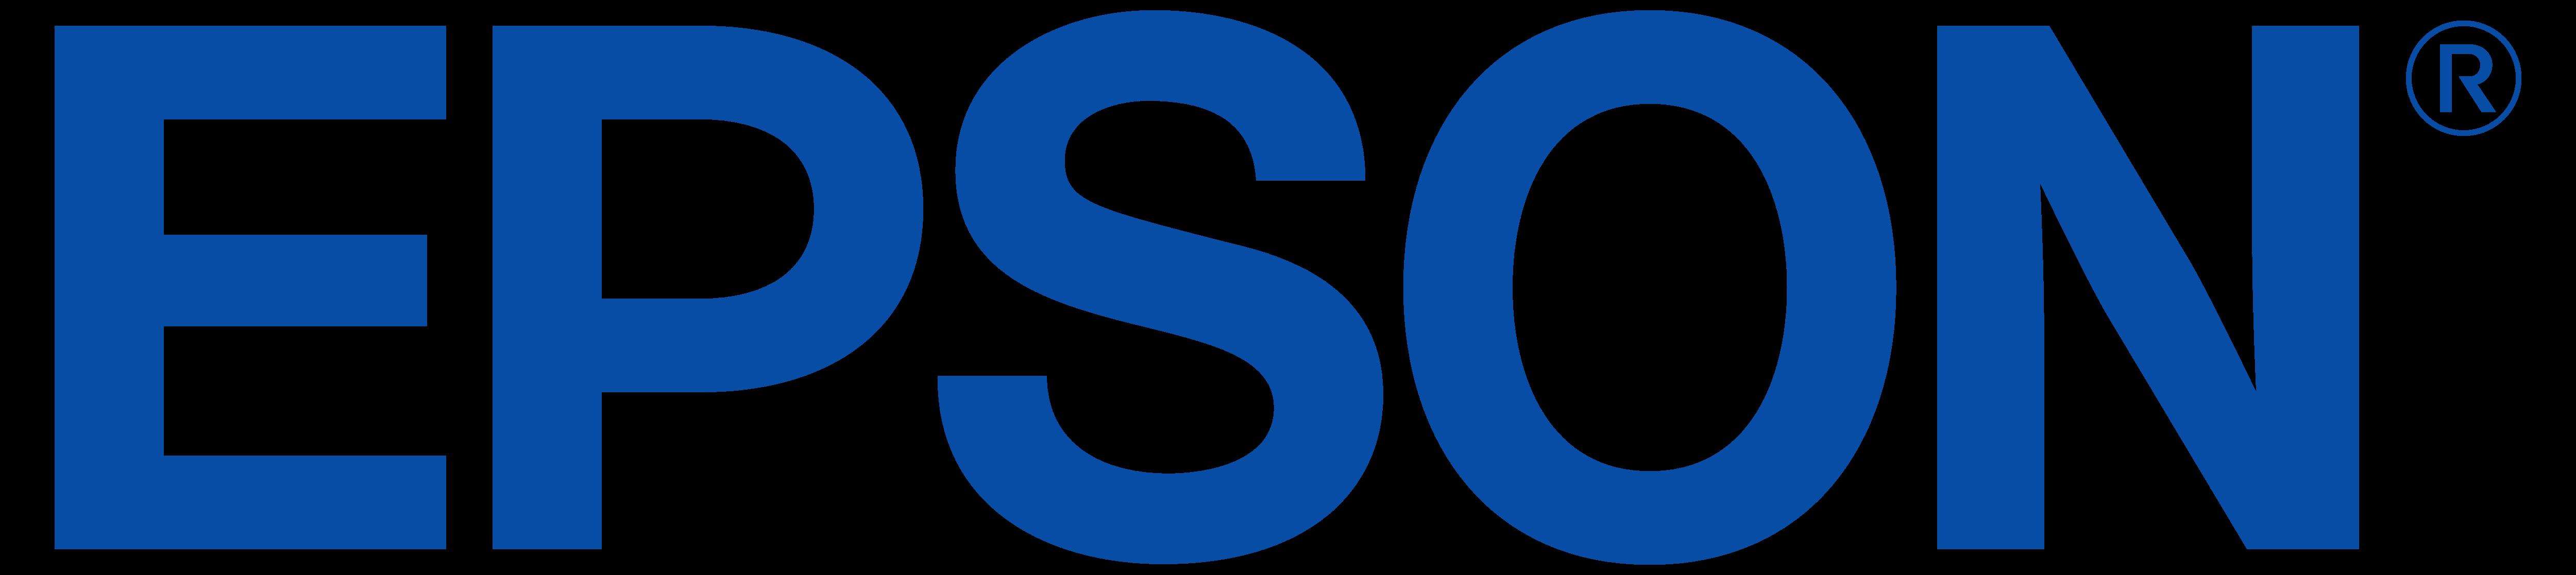 EPSON service center